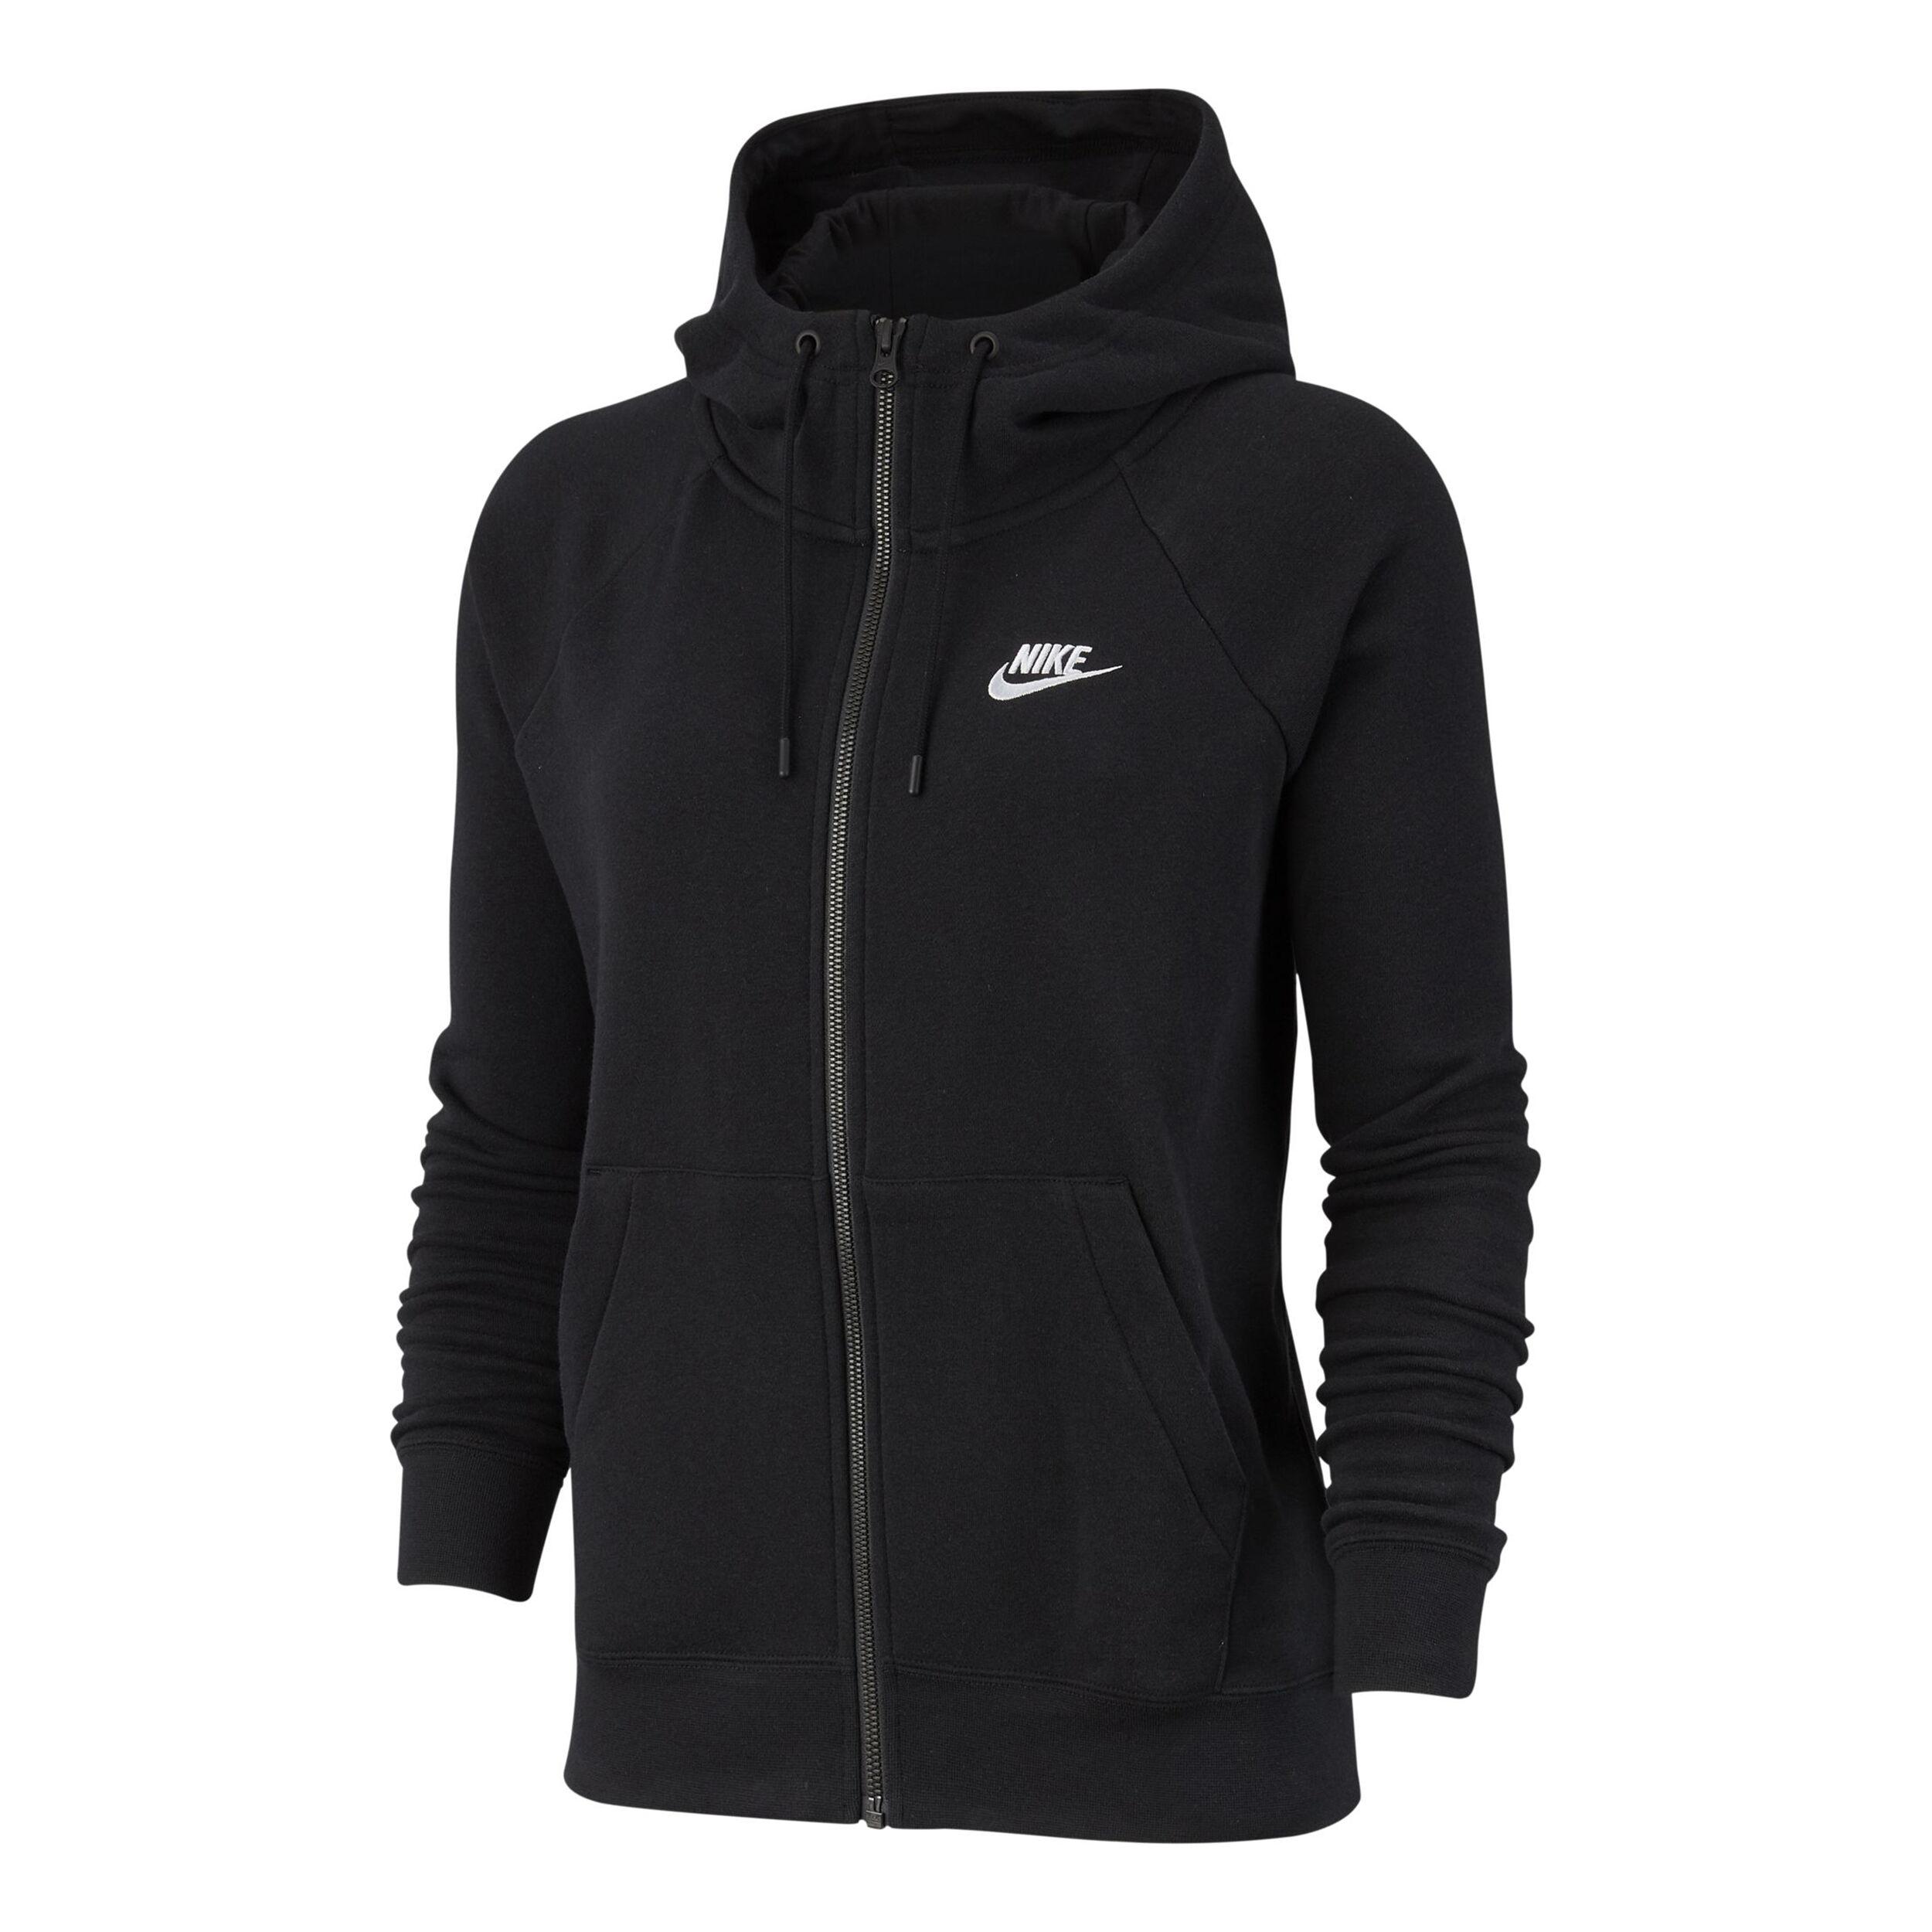 Nike Sportswear Essential Fleece Full Zip Sweatjakke Damer Sort, Hvid